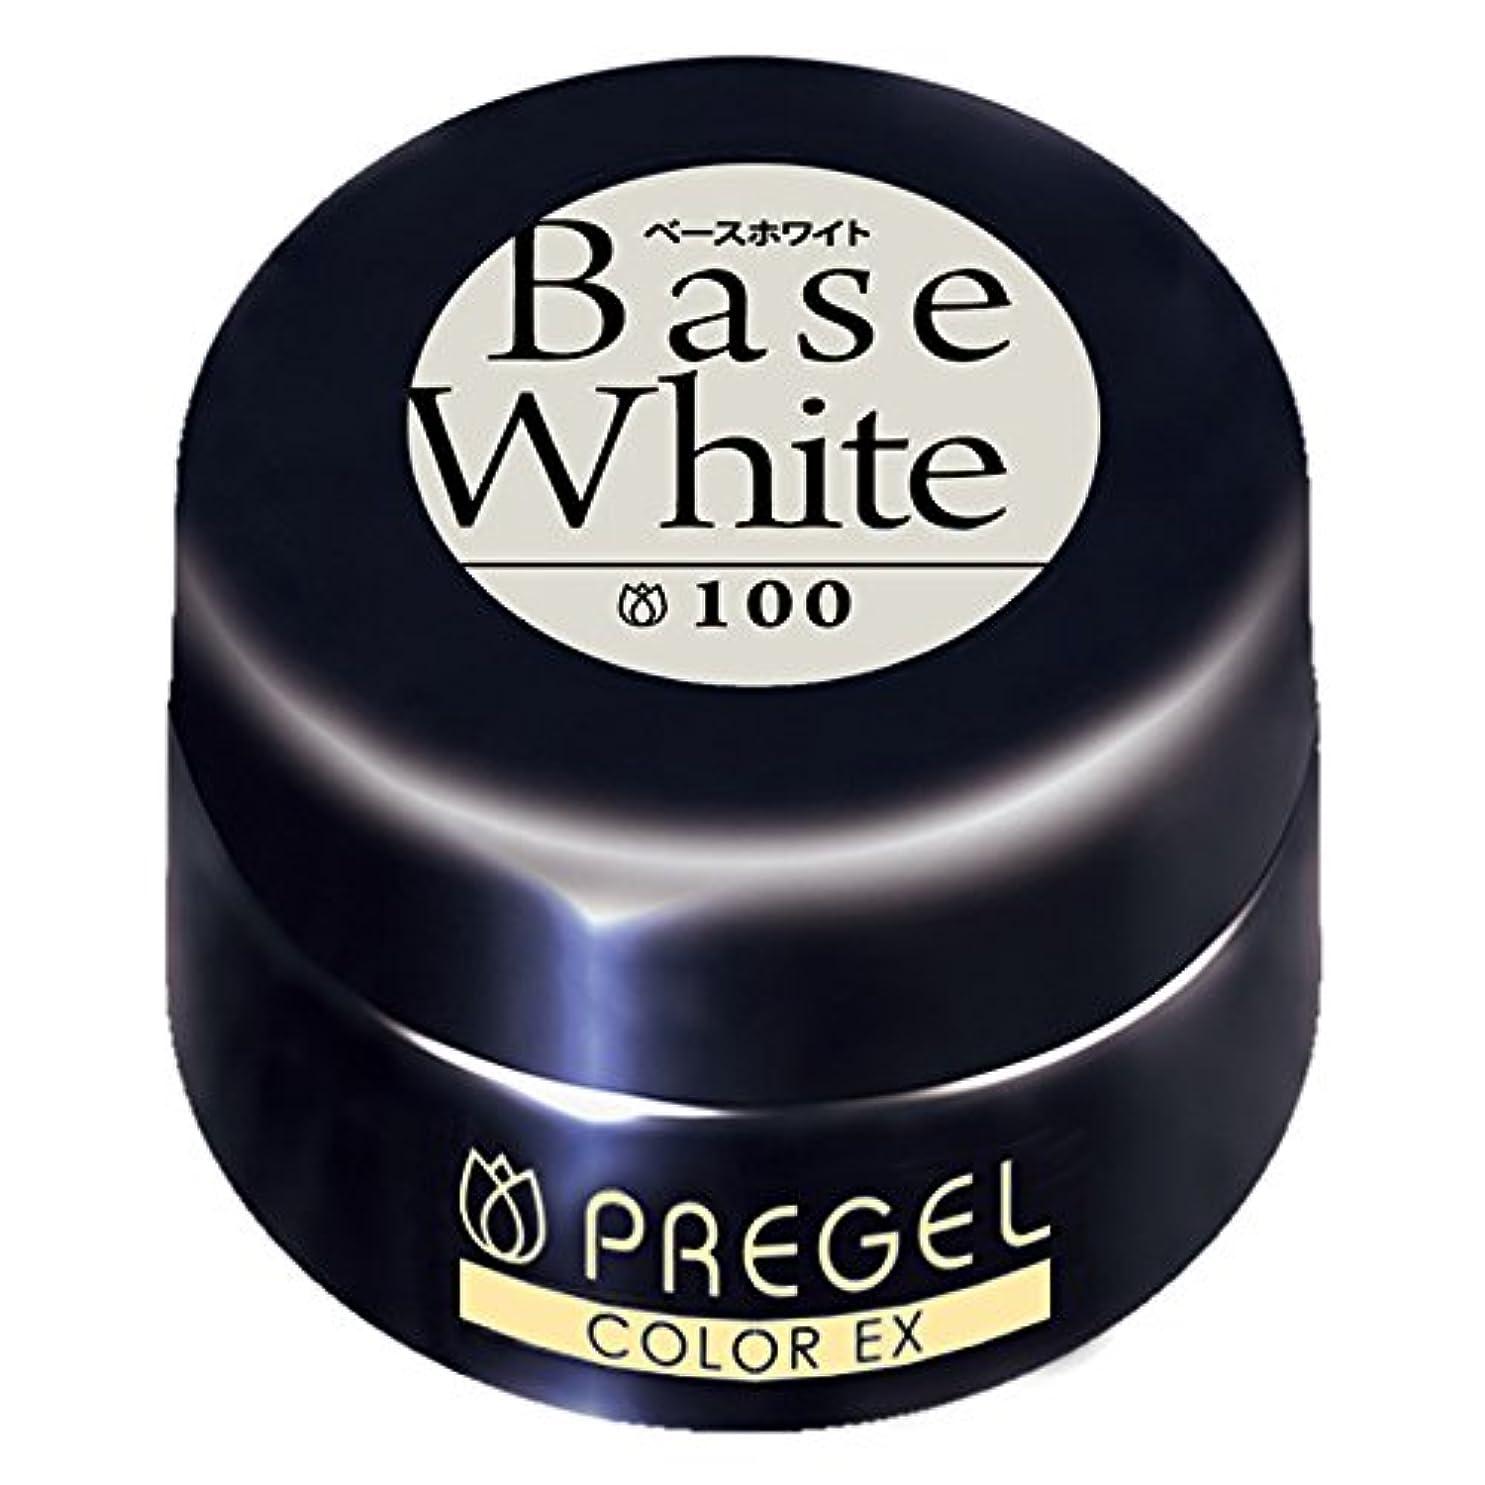 開始透ける意図プリジェル ジェルネイル プリジェル ジェルネイル カラーEX ベースホワイト100 4g カラージェル UV/LED対応